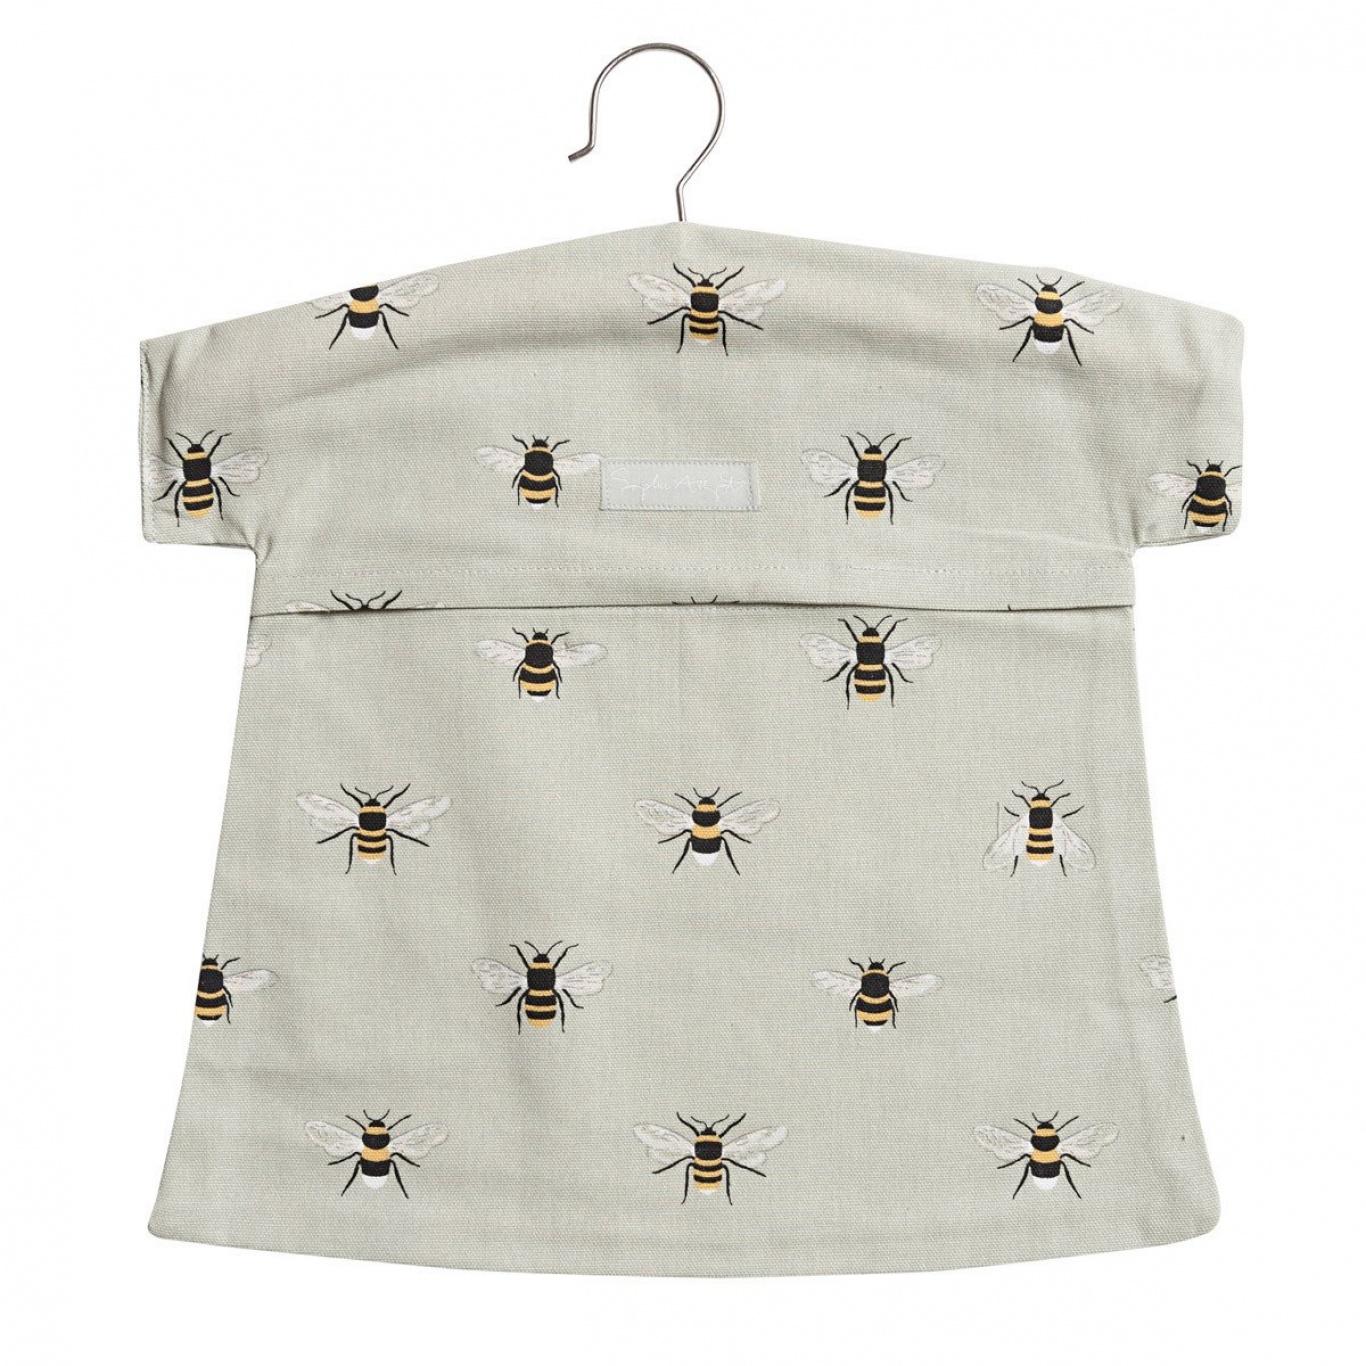 Image of Sophie Allport  Peg Bag Bees